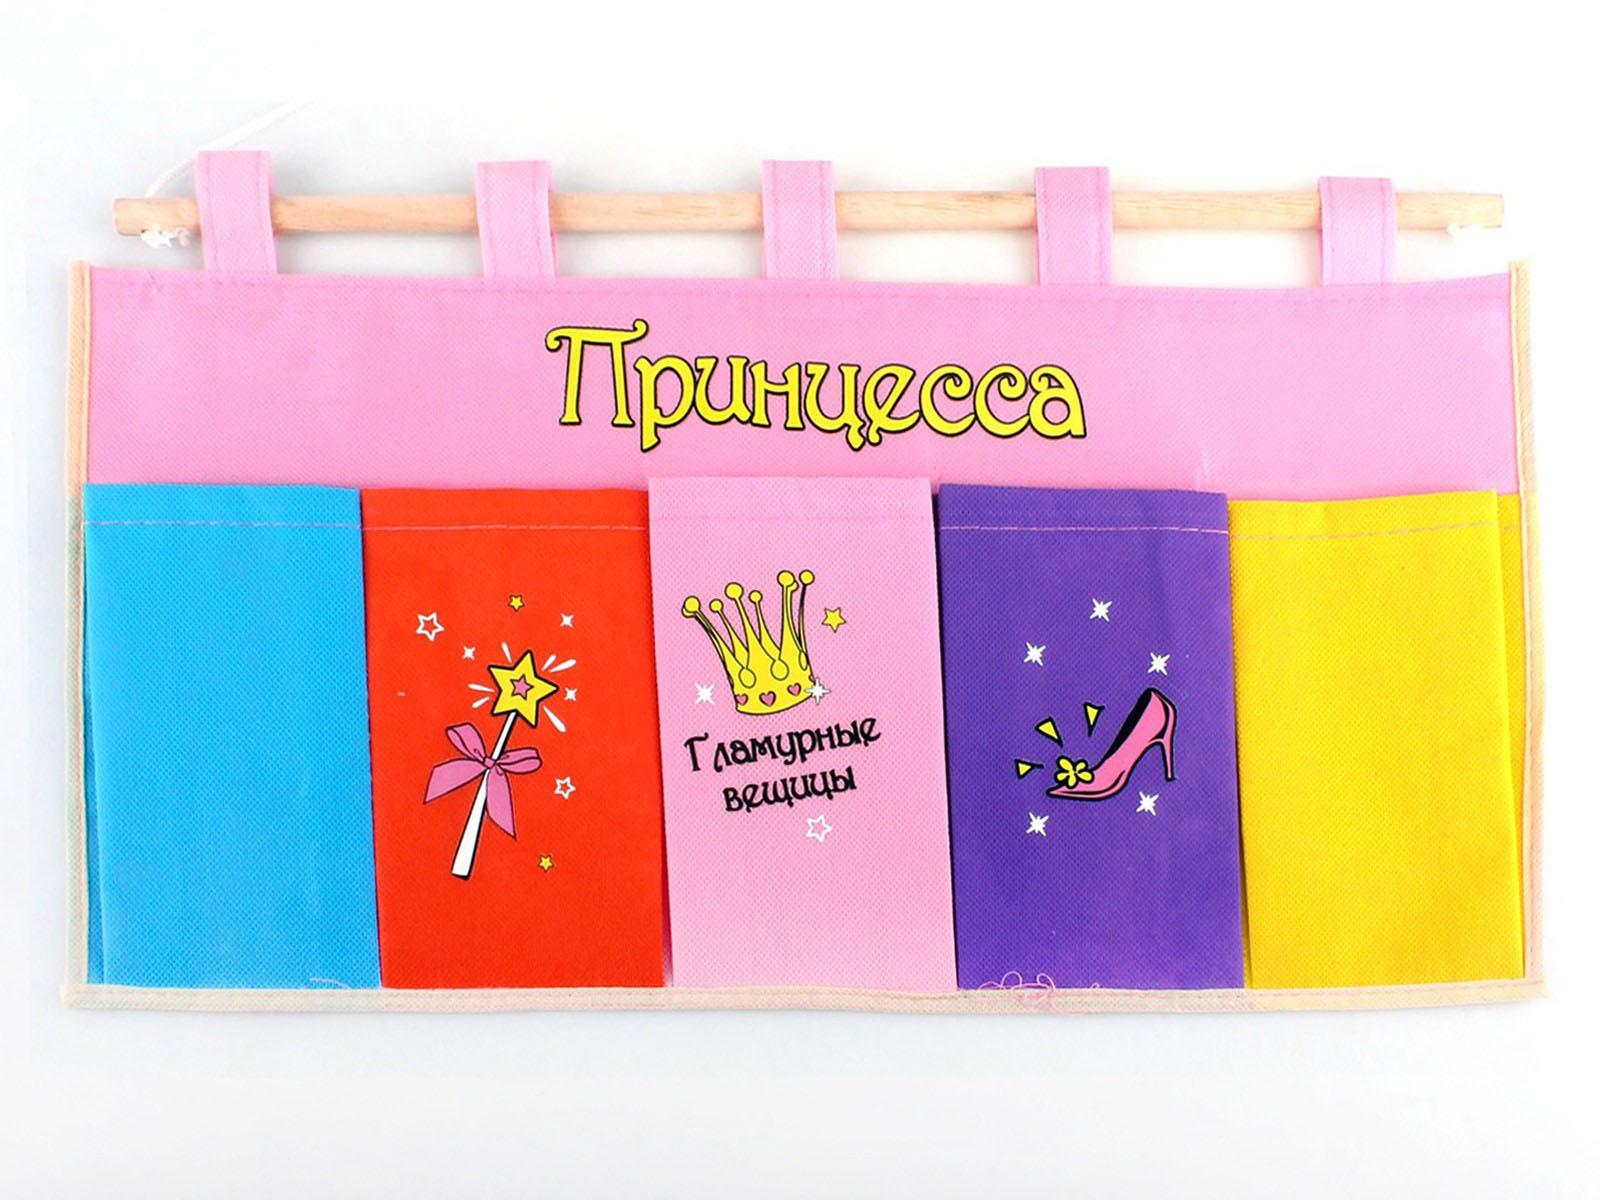 Кармашки на стену Sima-land Принцесса, цвет: голубой, красный, розовый, 5 шт243 CW 220*5Кармашки на стену «Принцесса» предназначены для хранения необходимых вещей, множества мелочей в гардеробной, ванной, детской комнатах. Изделие выполнено из текстиля и представляет собой 5 сшитых между собой кармашков на ткани, которые, благодаря 5 петелькам, куда просовывается деревянная палочка на веревке, можно повесить в необходимом для вас и вашего ребенка месте. На кармашках имеются изображения в виде туфельки, волшебной палочки, короны и надпись «Принцесса». Этот нужный предмет может стать одновременно и декоративным элементом комнаты. Яркий текстиль, как ничто иное, способен оживить интерьер вашего жилища и сделает каждый день ярче и радостнее.